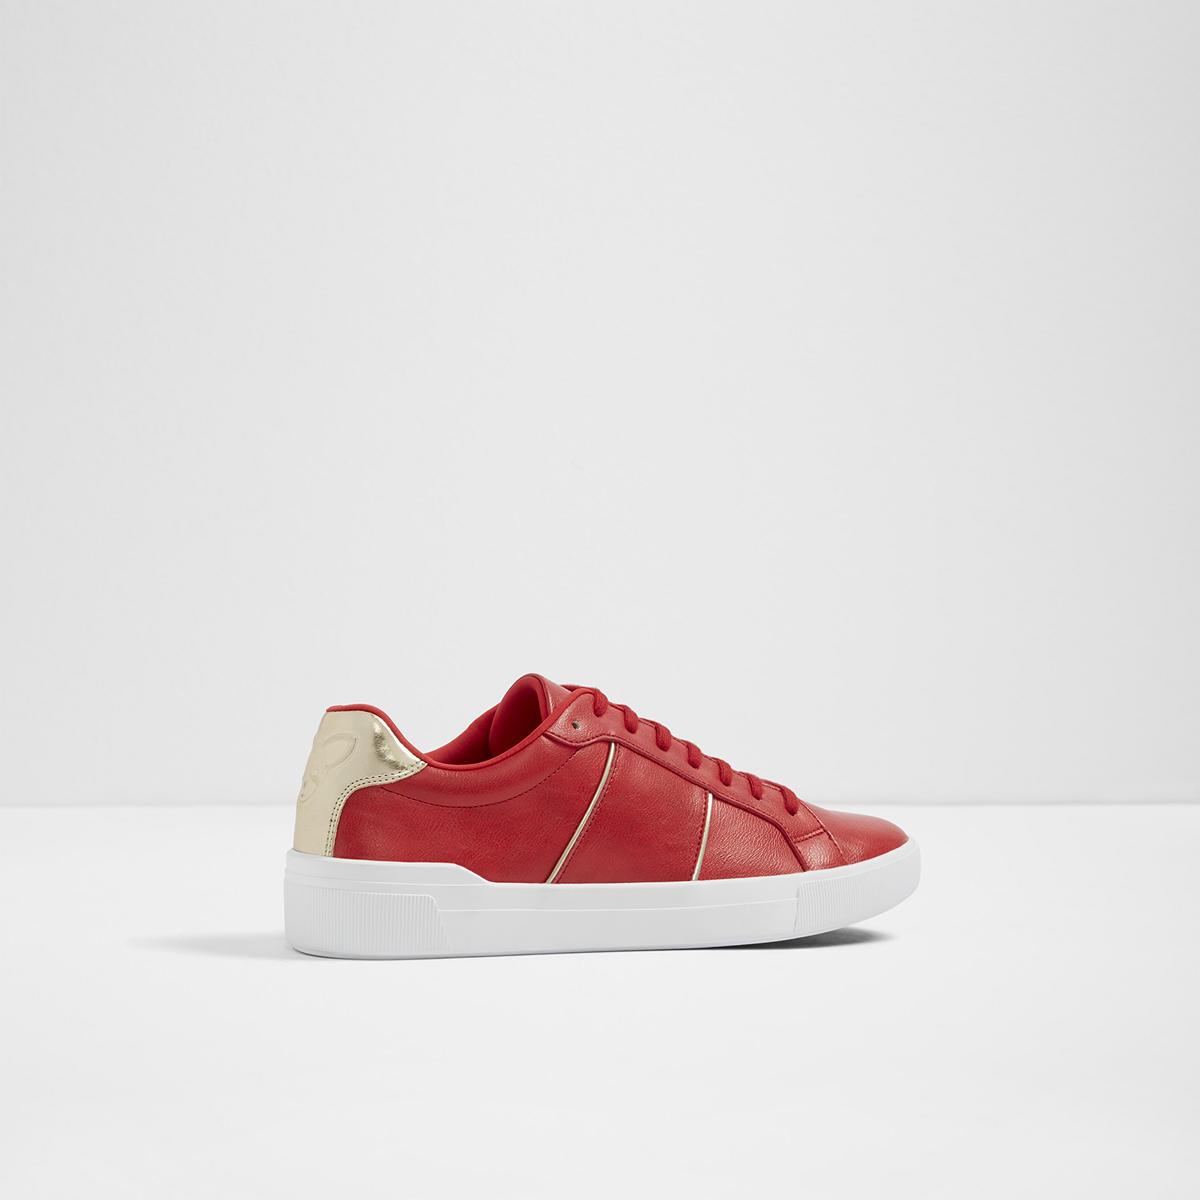 aldo shoes mr bojangles original artist